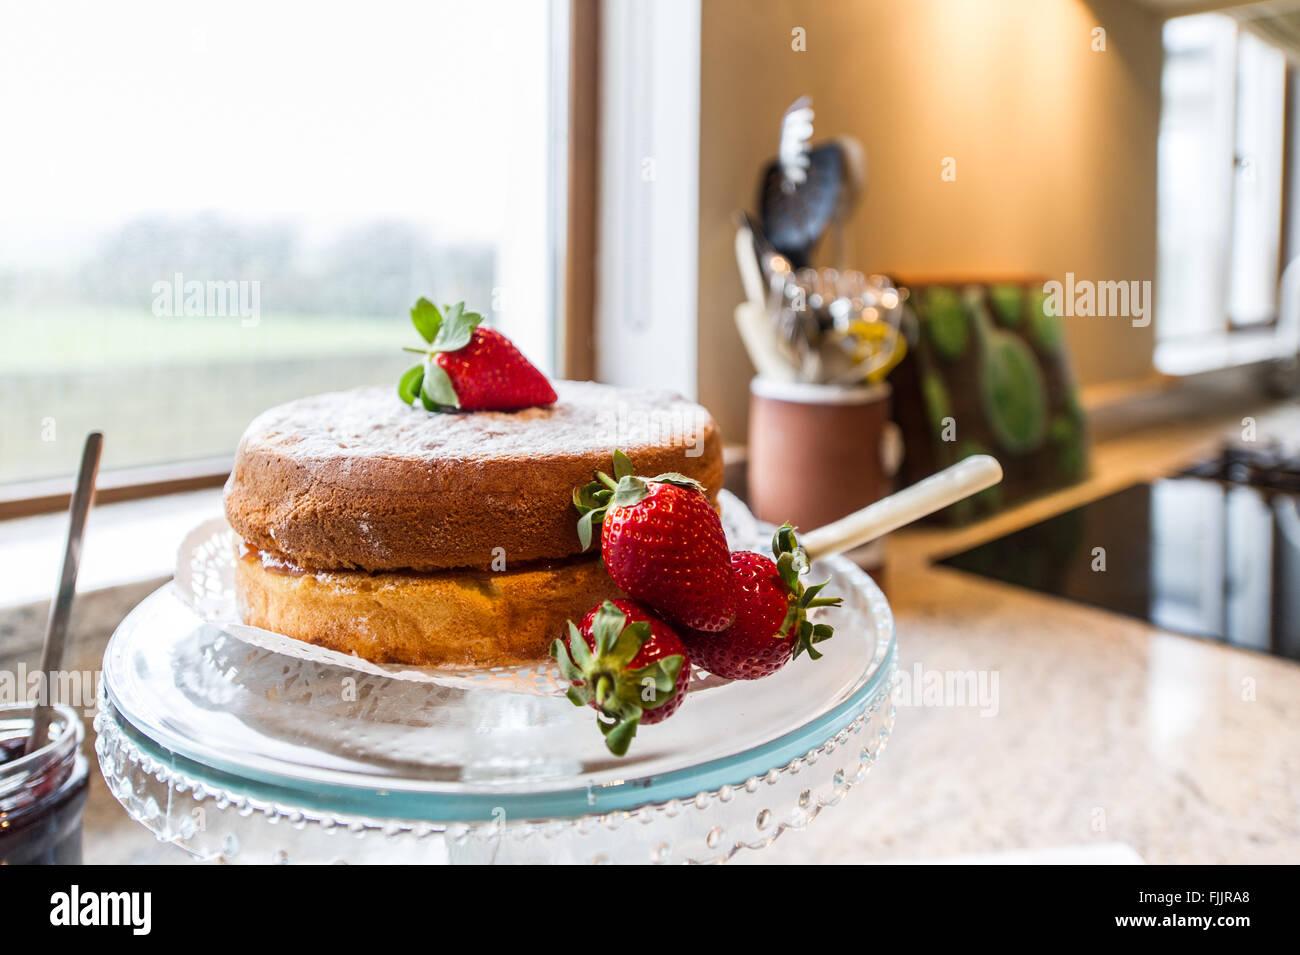 Hausgemachte Kuchen mit Erdbeeren auf einem Ständer in der heimischen Küche. Stockbild